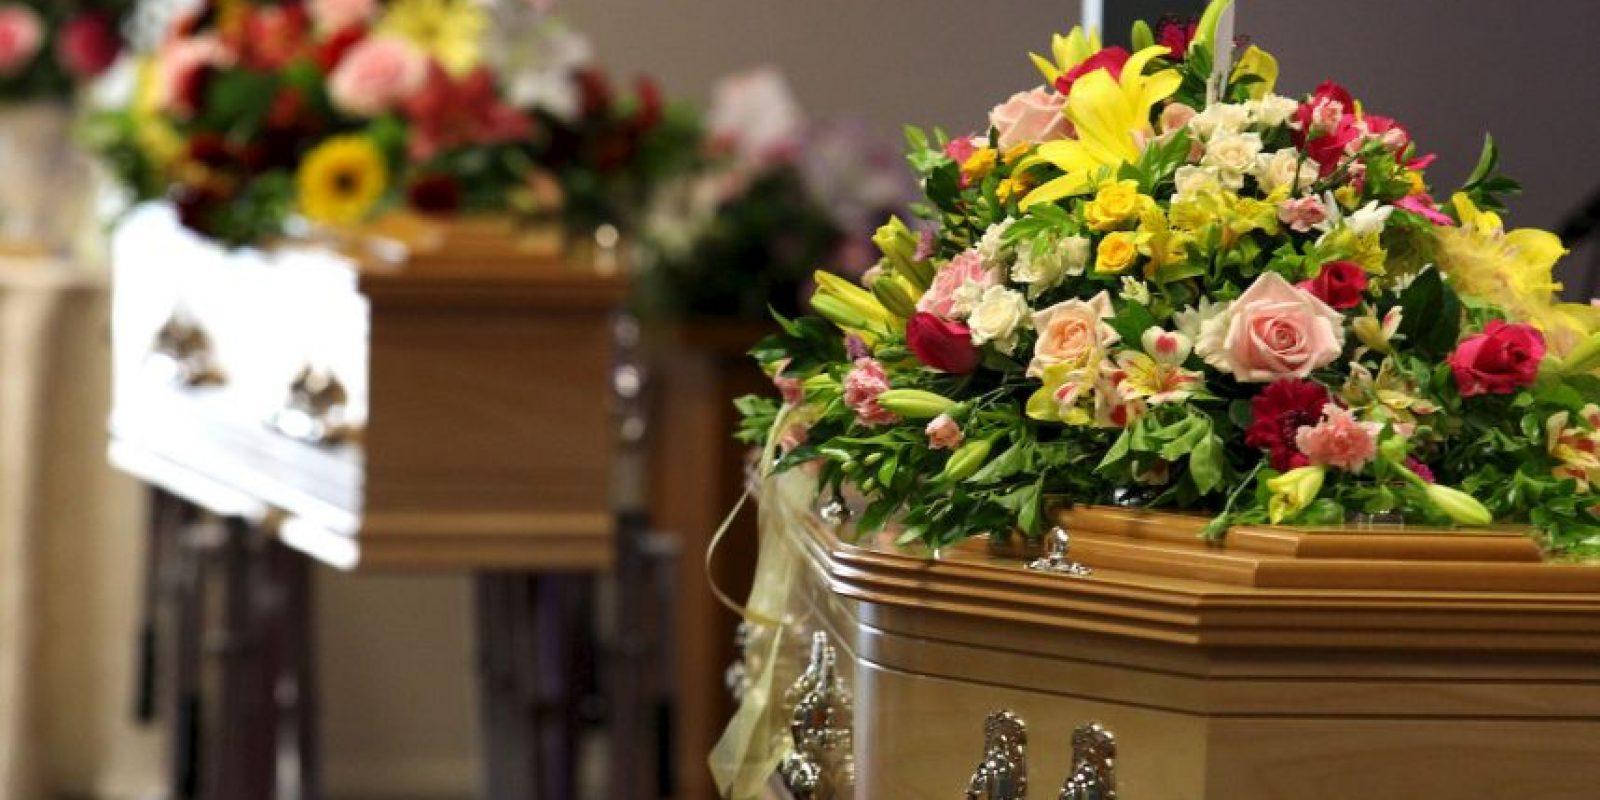 Según la Organización Mundial de la Salud (OMS), un total de 16 millones de personas mueren prematuramente cada año. Foto:Getty Images